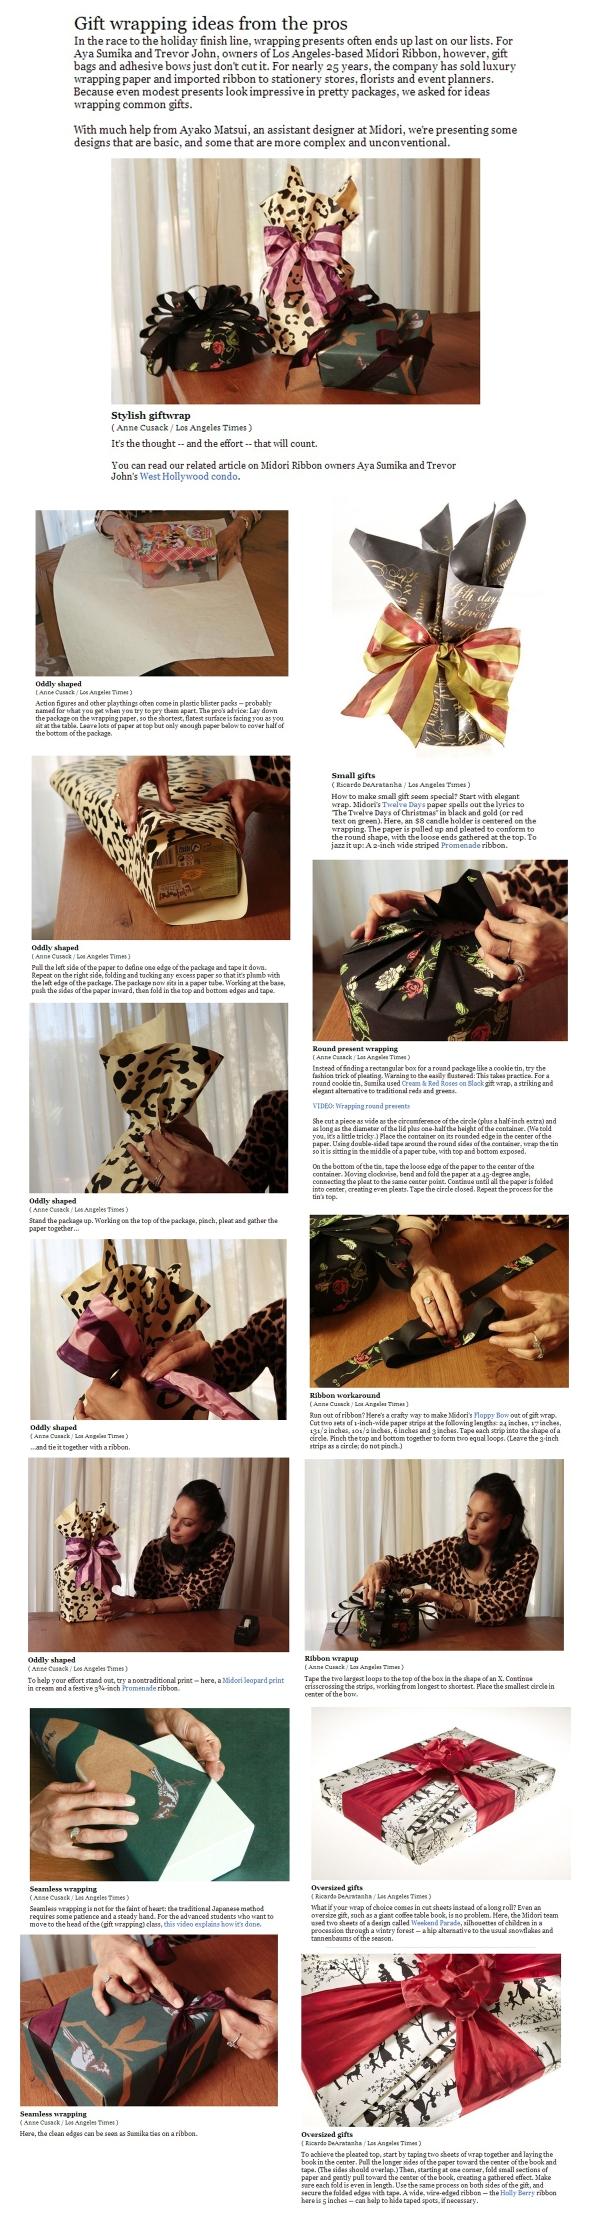 la-times-gw-tips-dec-2012.jpg